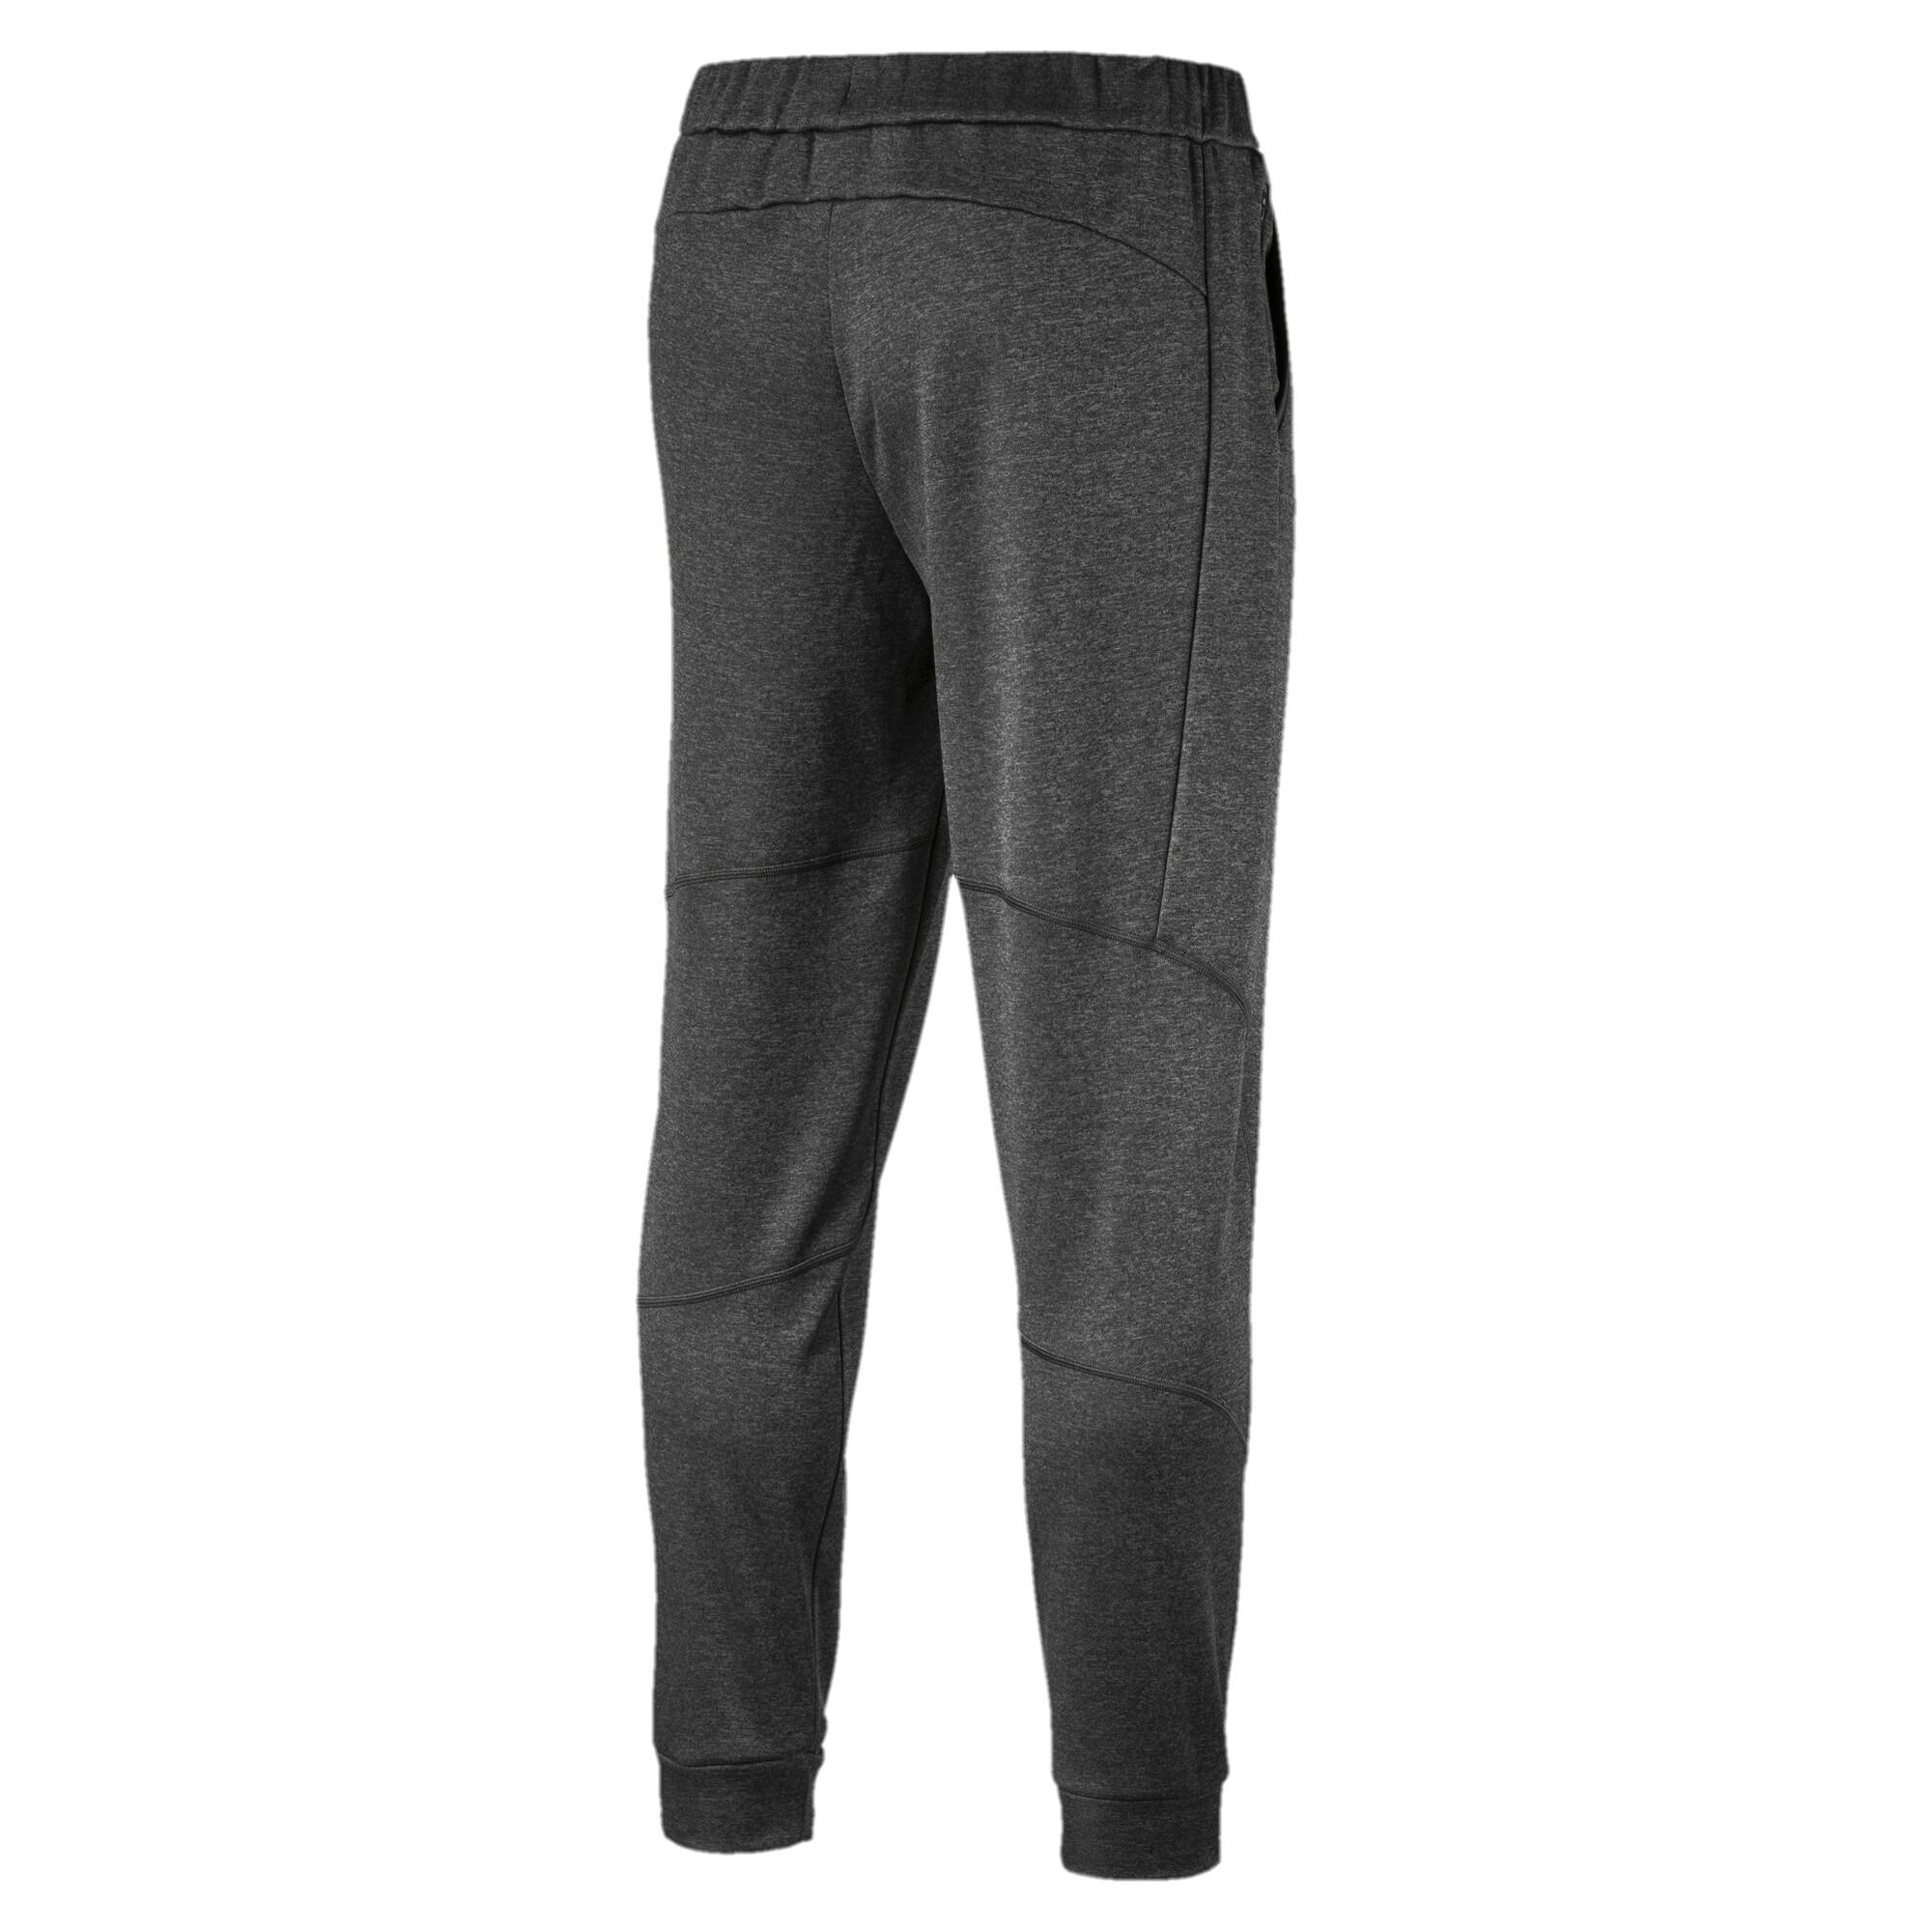 PUMA-Evostripe-Men-039-s-Warm-Pants-Men-Knitted-Pants-Basics thumbnail 3